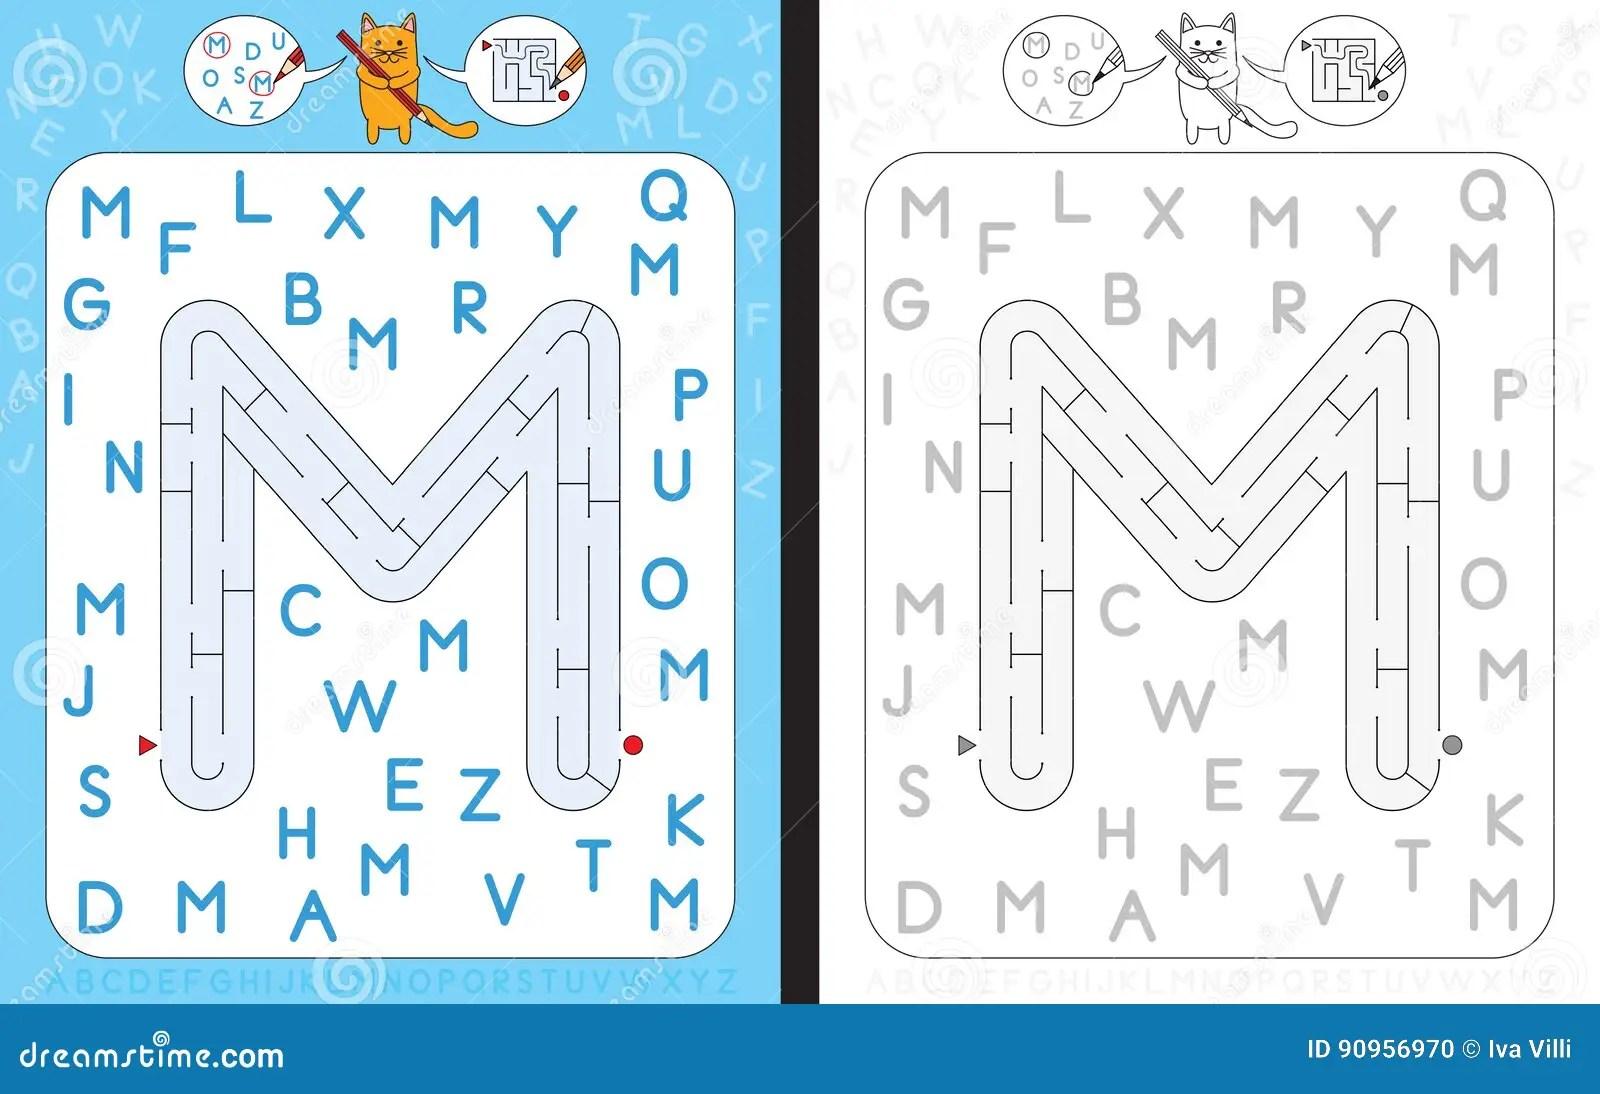 Maze Letter M Stock Vector